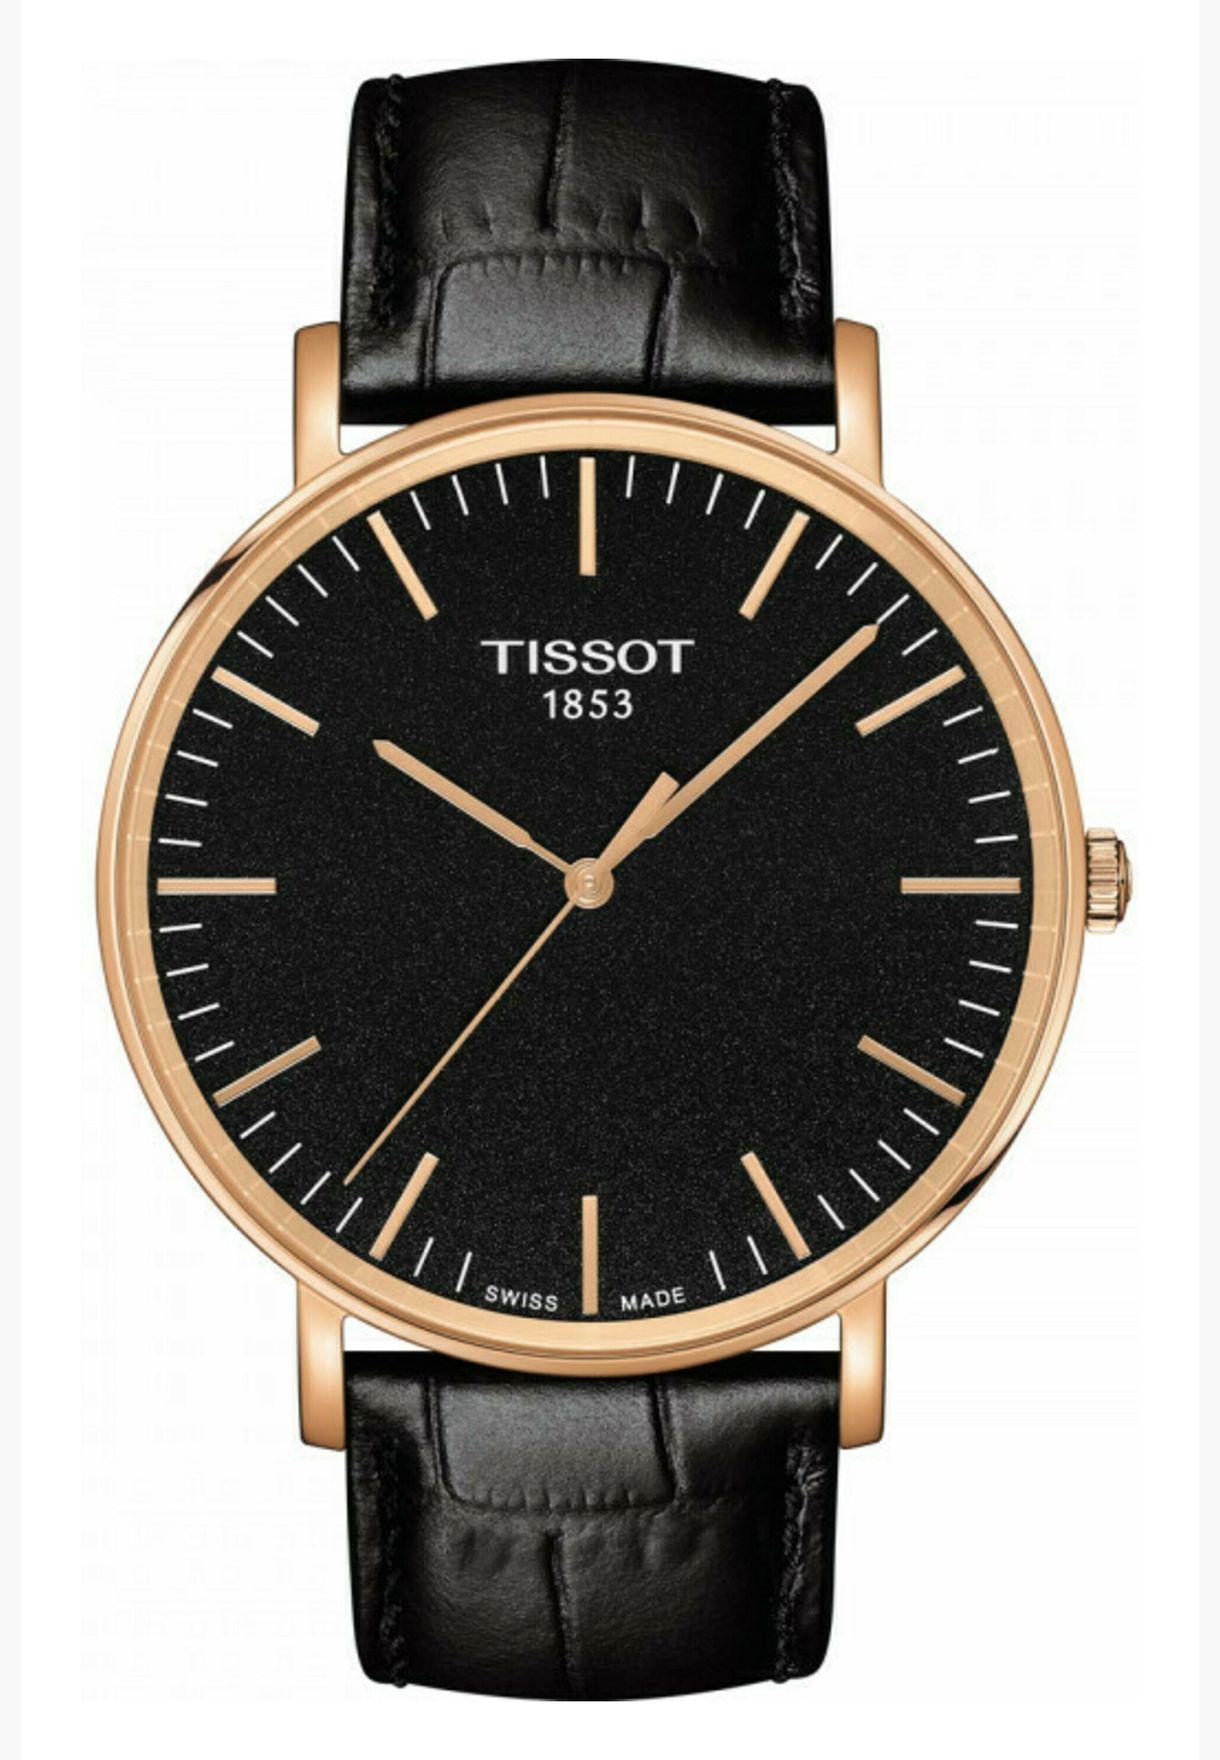 ساعة تيسو ايفري تايم ديزاير بسوار جلدي - T109.610.36.051.00